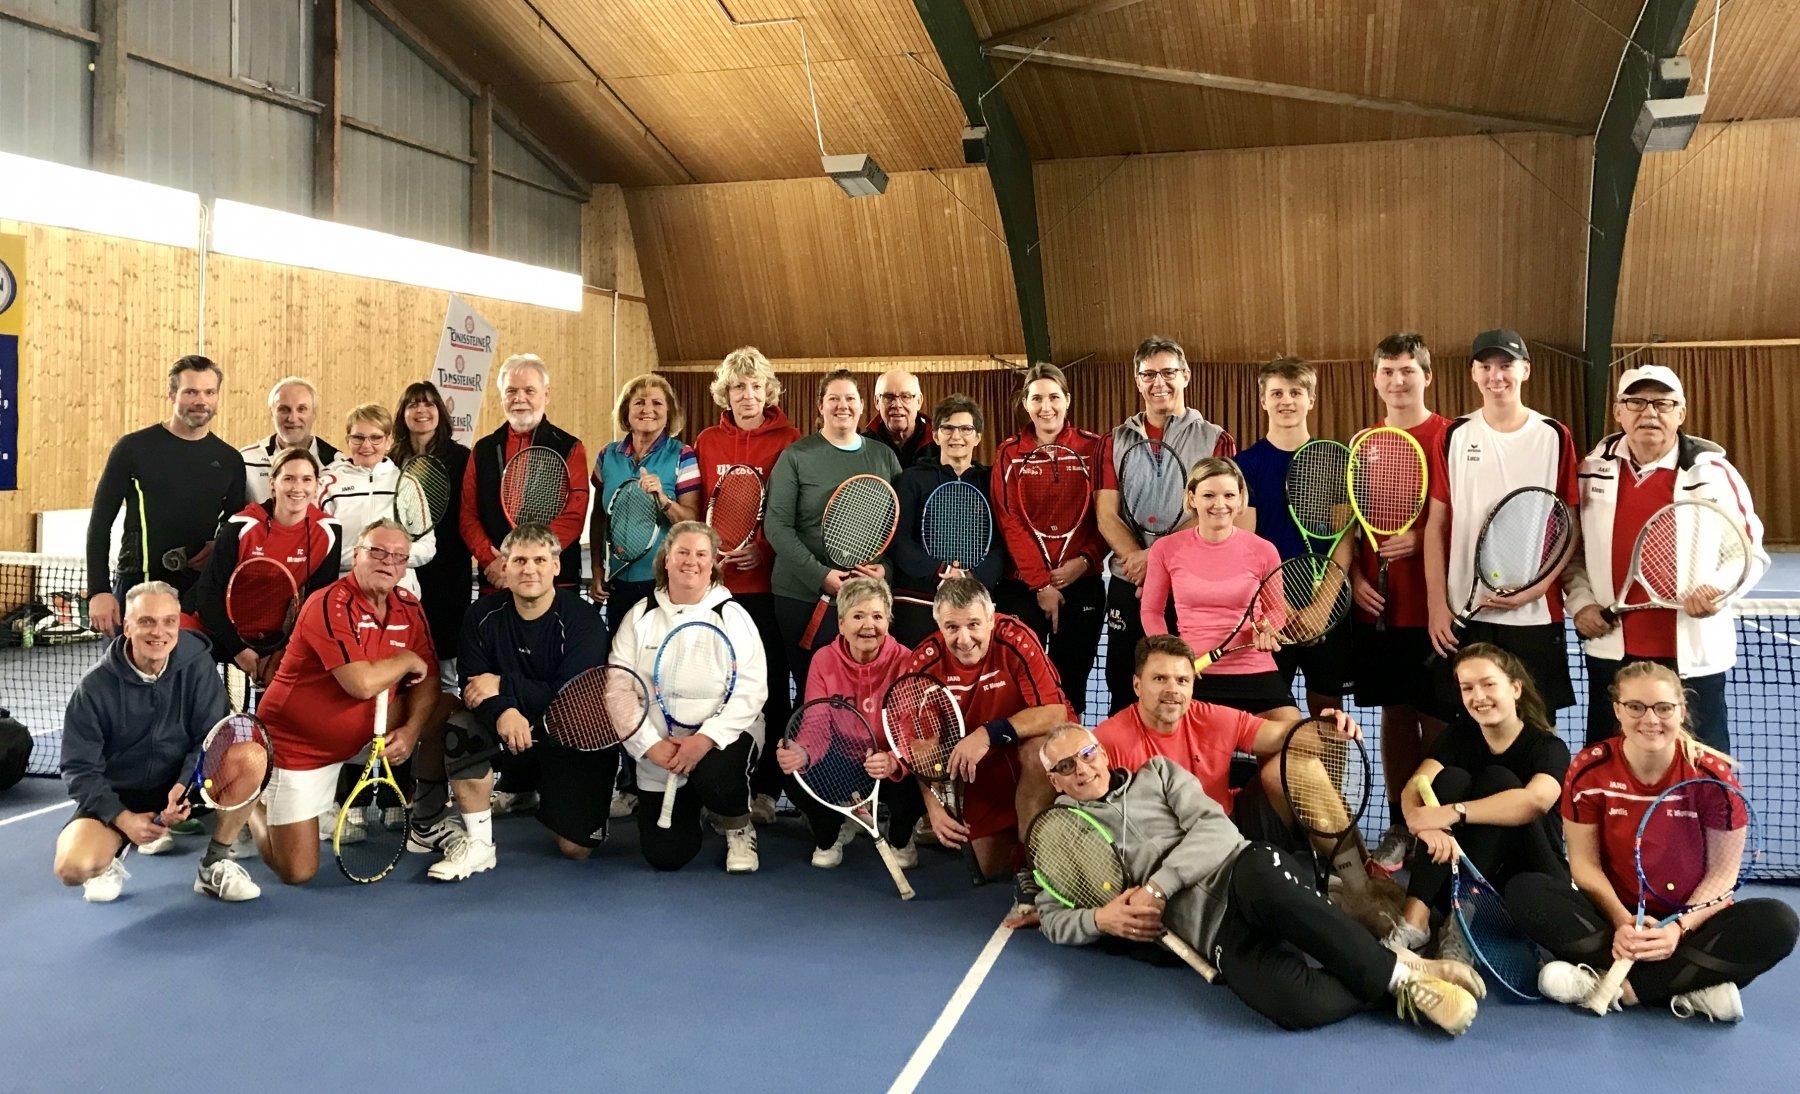 Der Tennis Club Mengede konnte sich über viele Teilnehmer freuen. (Foto: J. Ruschinski